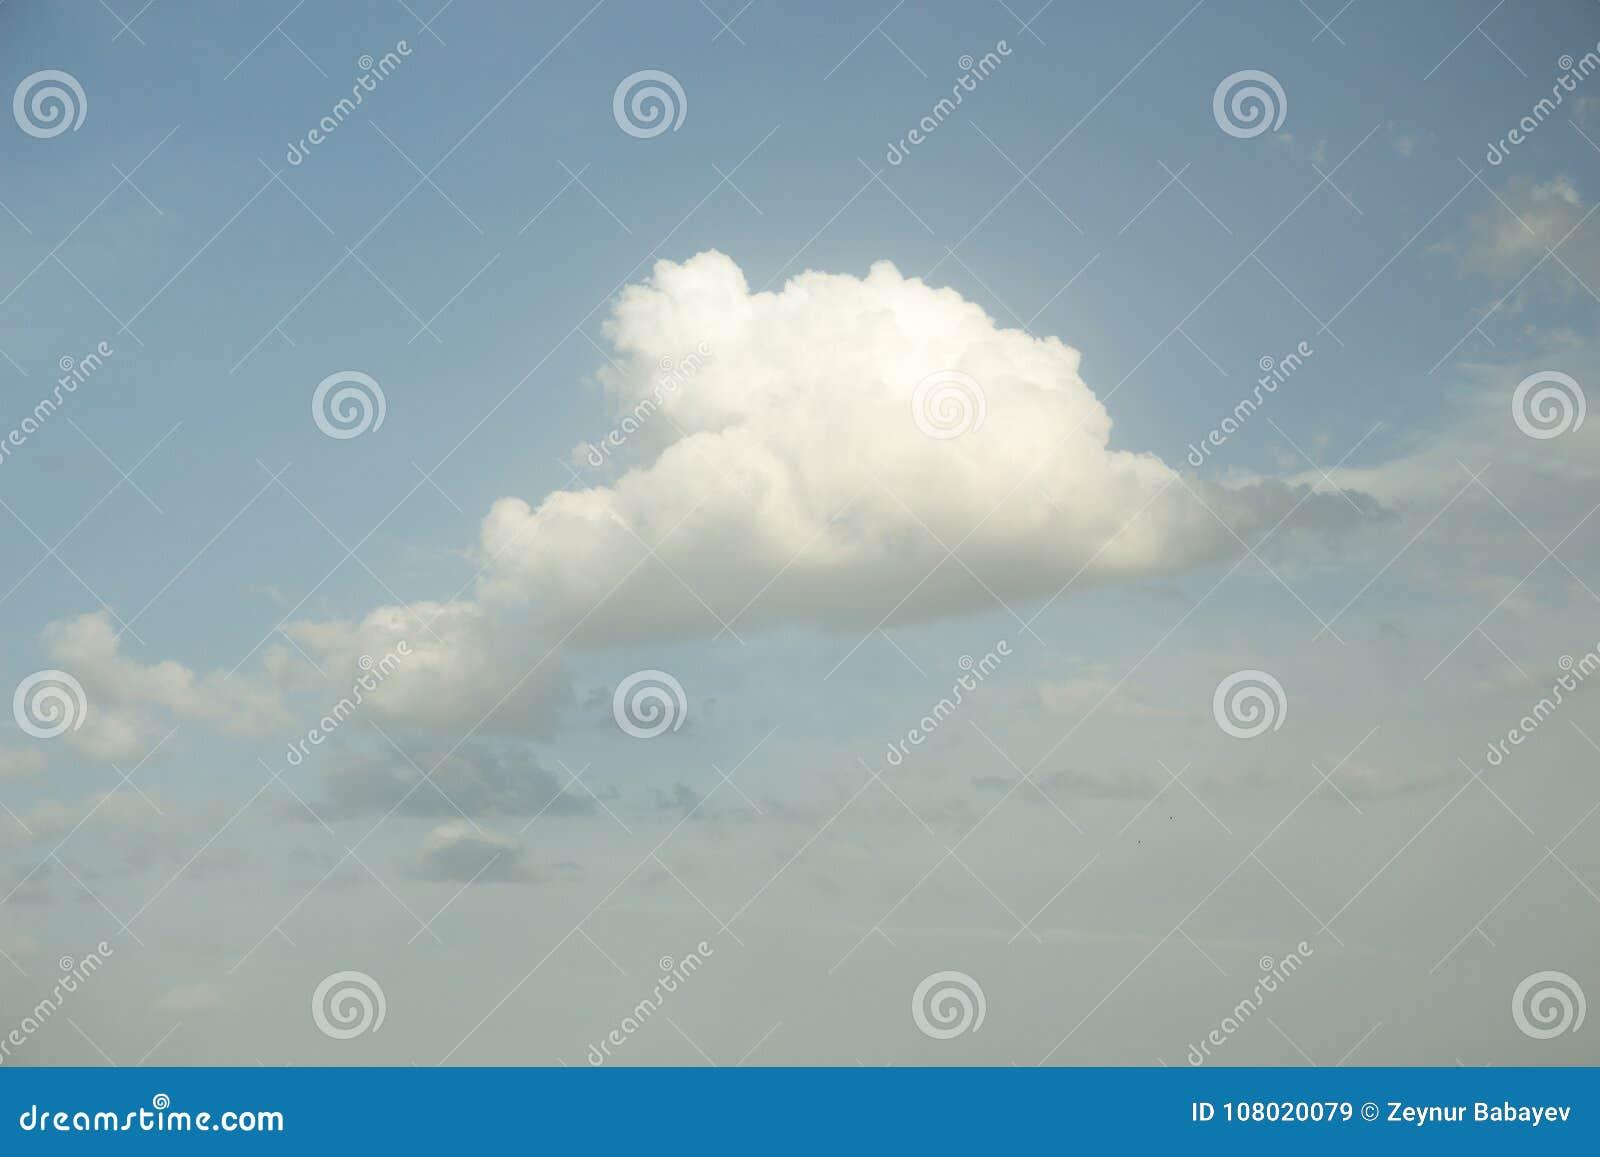 Nube blanca en el cielo azul suave Fondo dramático del cielo